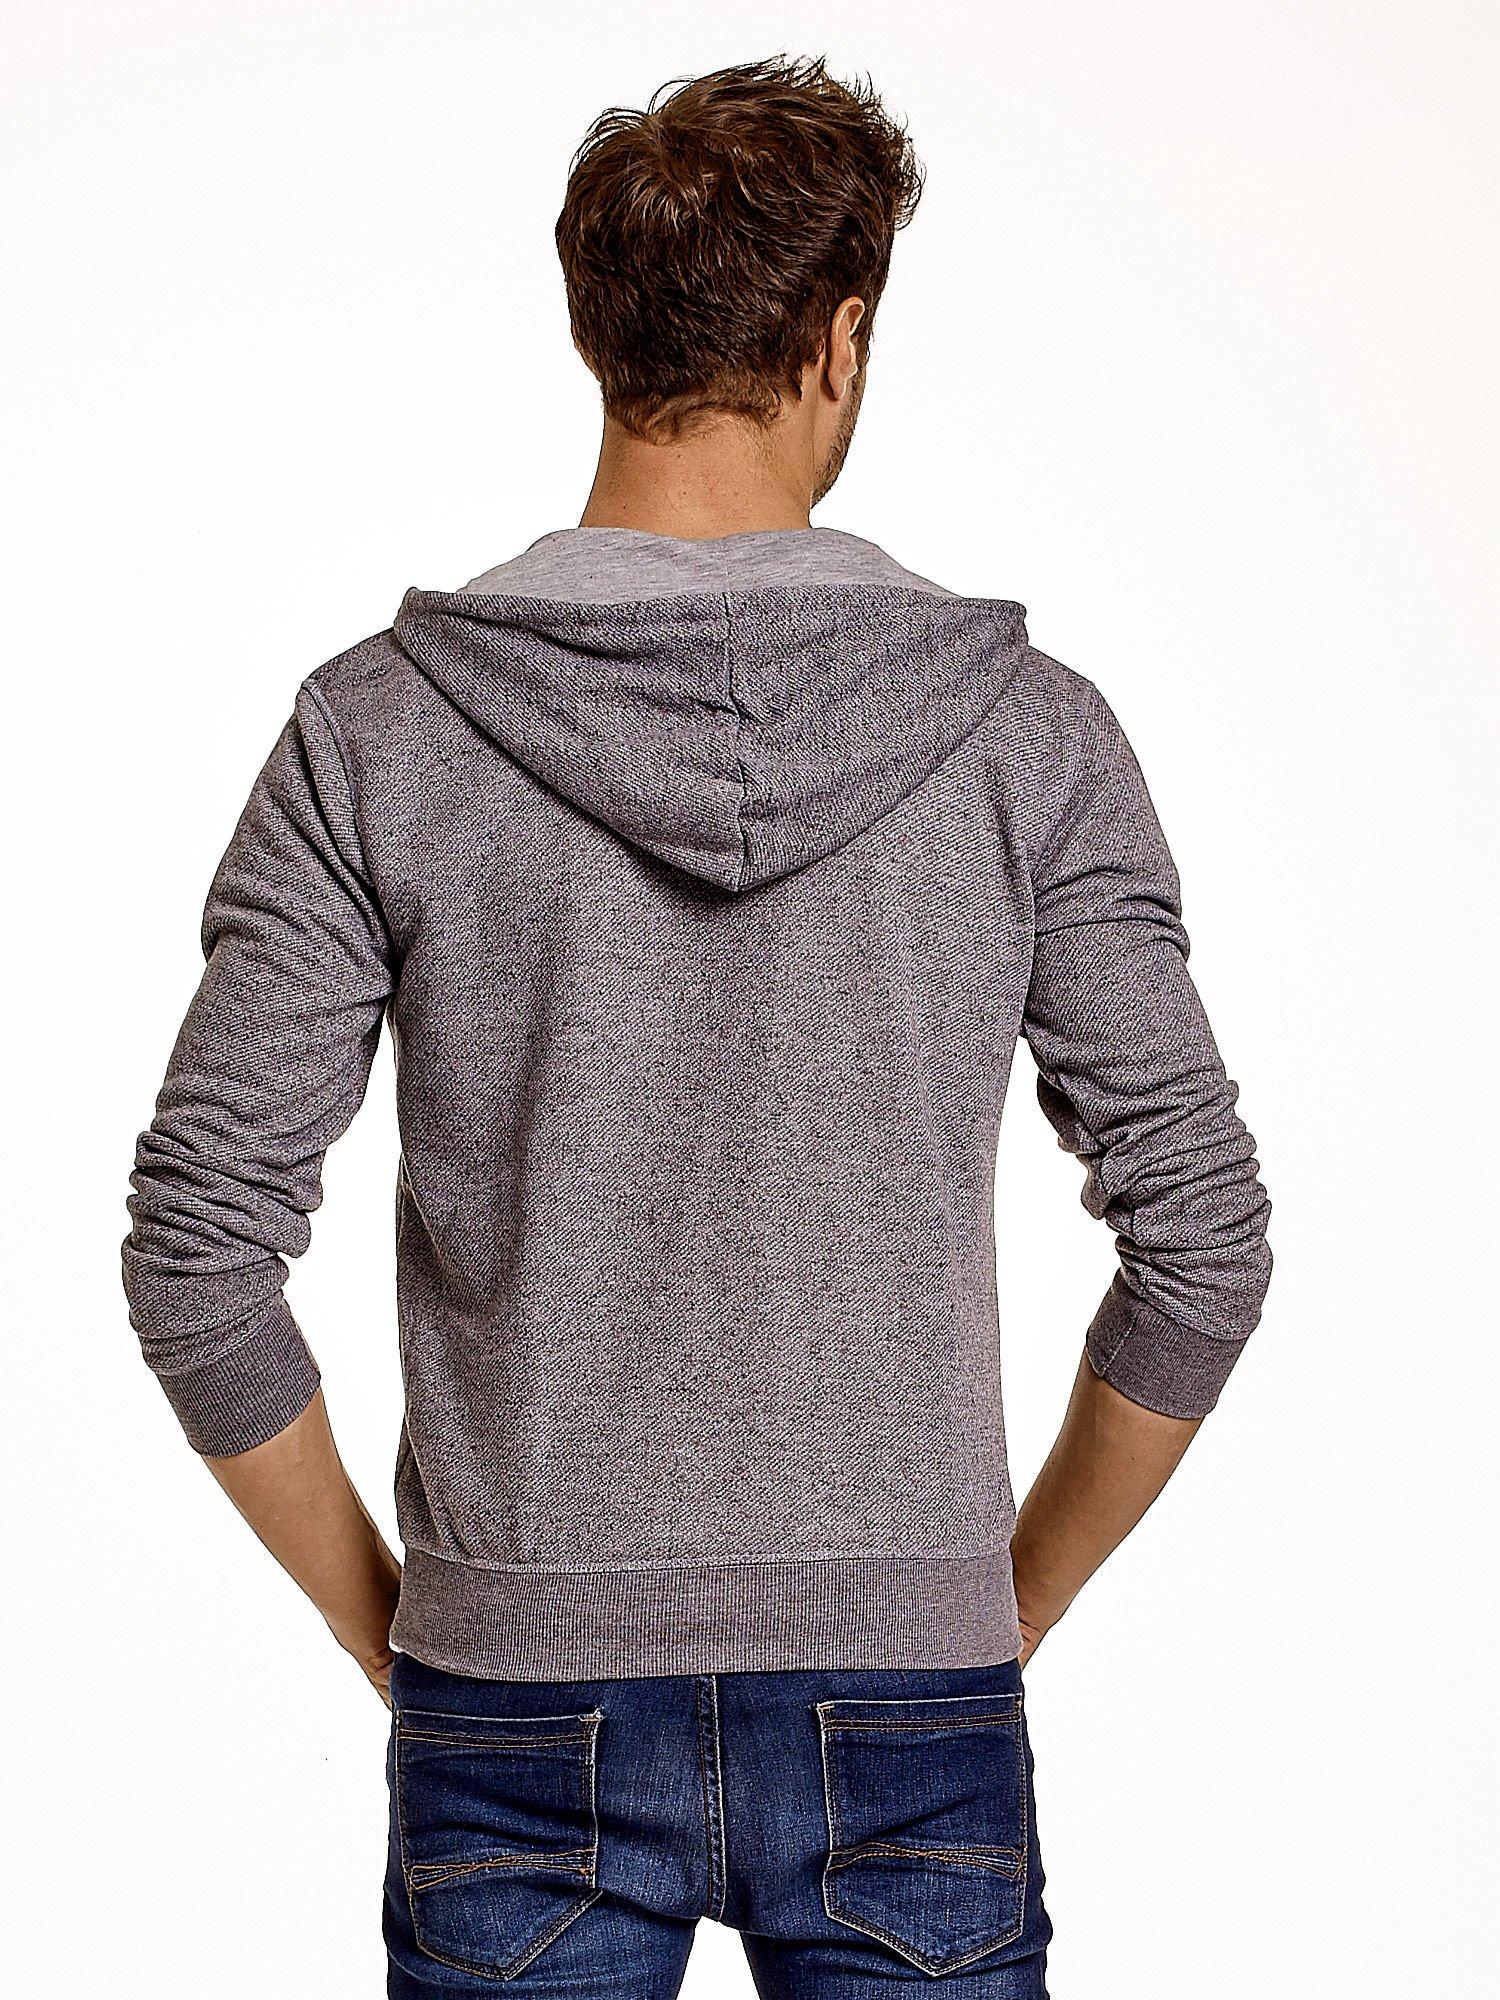 Jasnoszara melanżowa bluza męska z zasuwanymi kieszeniami                                  zdj.                                  5